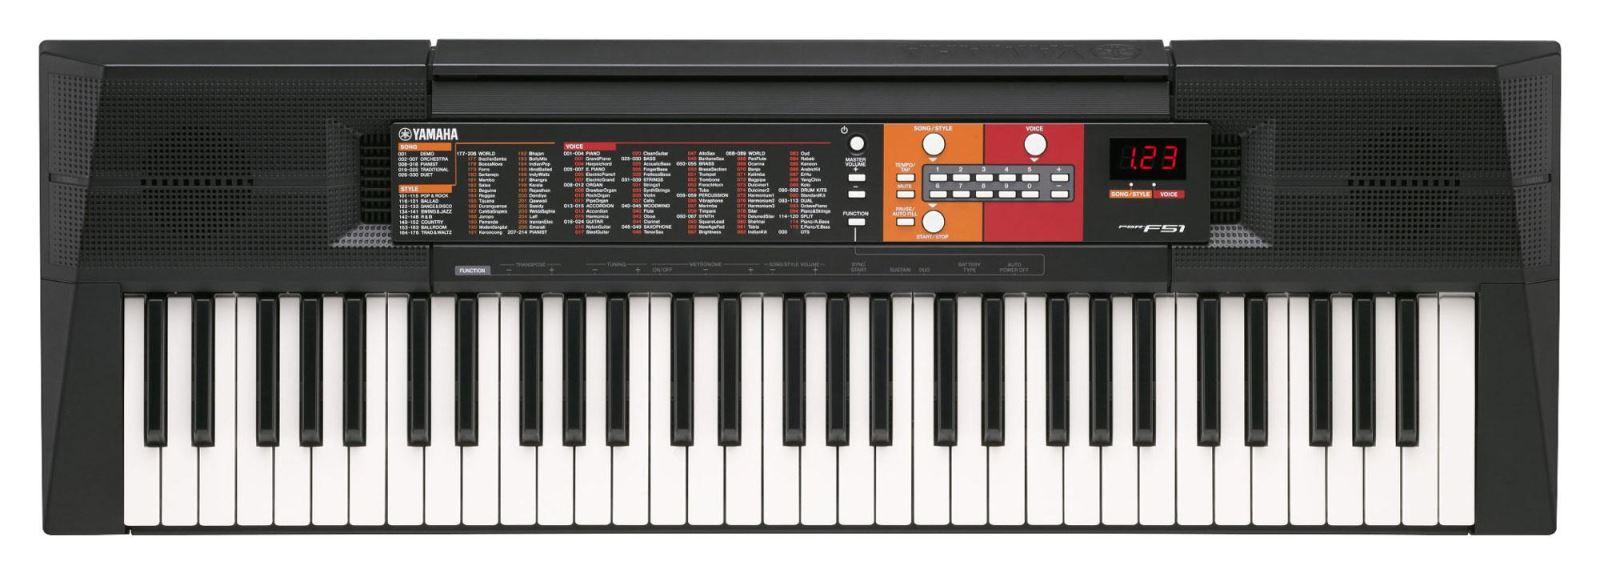 Shop Bán Đàn Organ Yamaha PSR-F51 Mới Nhất Nhập Từ Nhật Bản, Giá Tốt